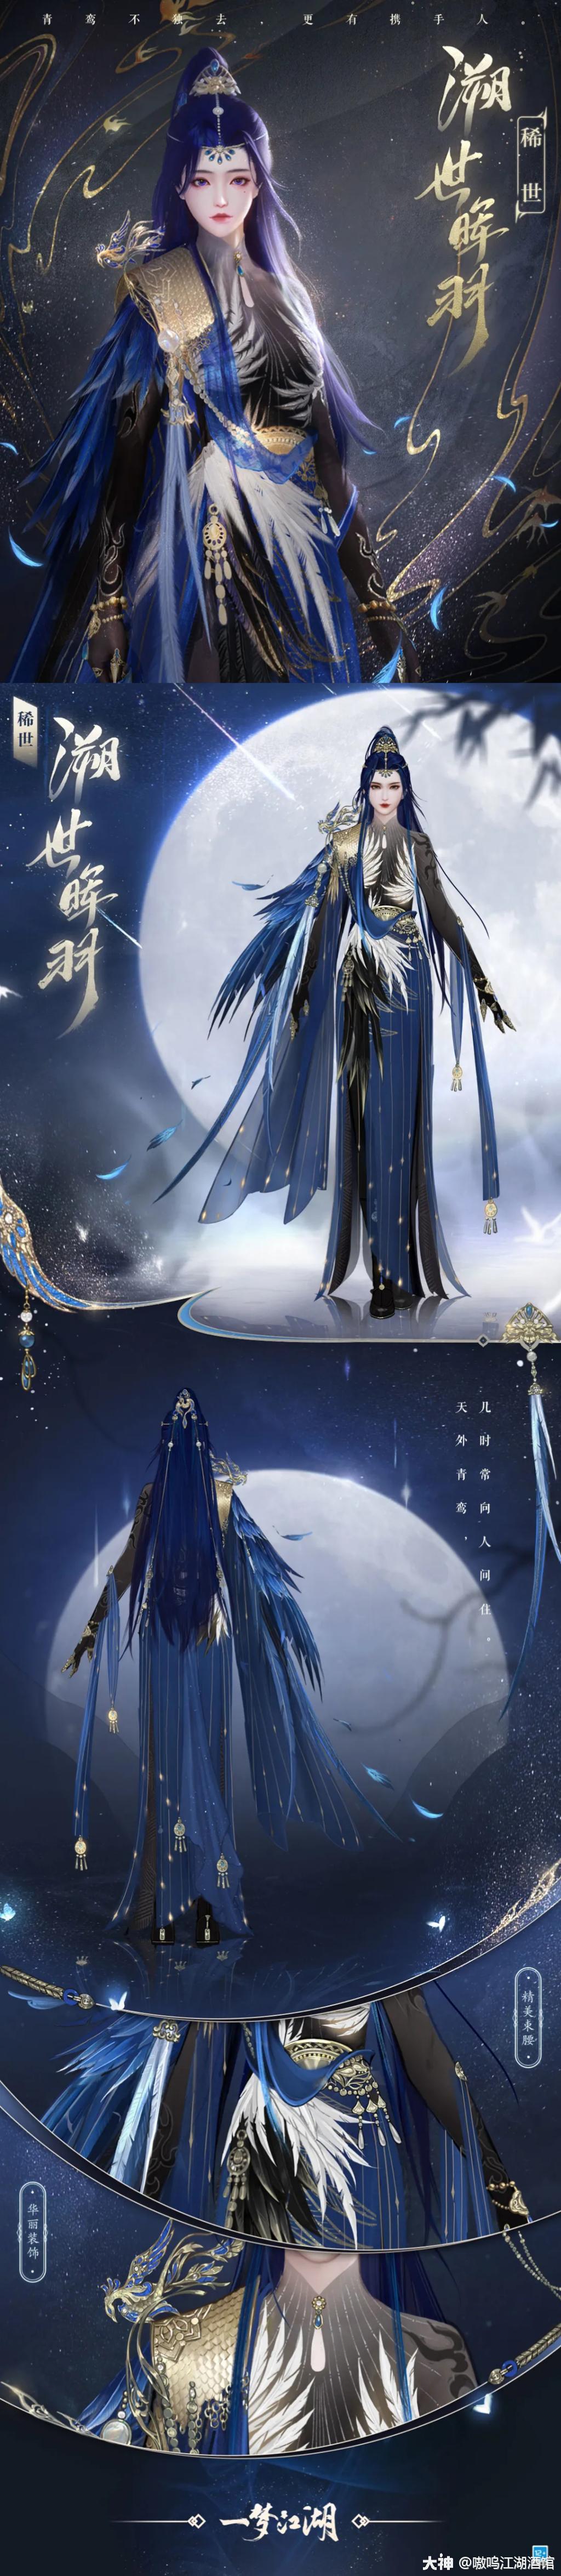 一梦江湖溯世晖羽时装一览